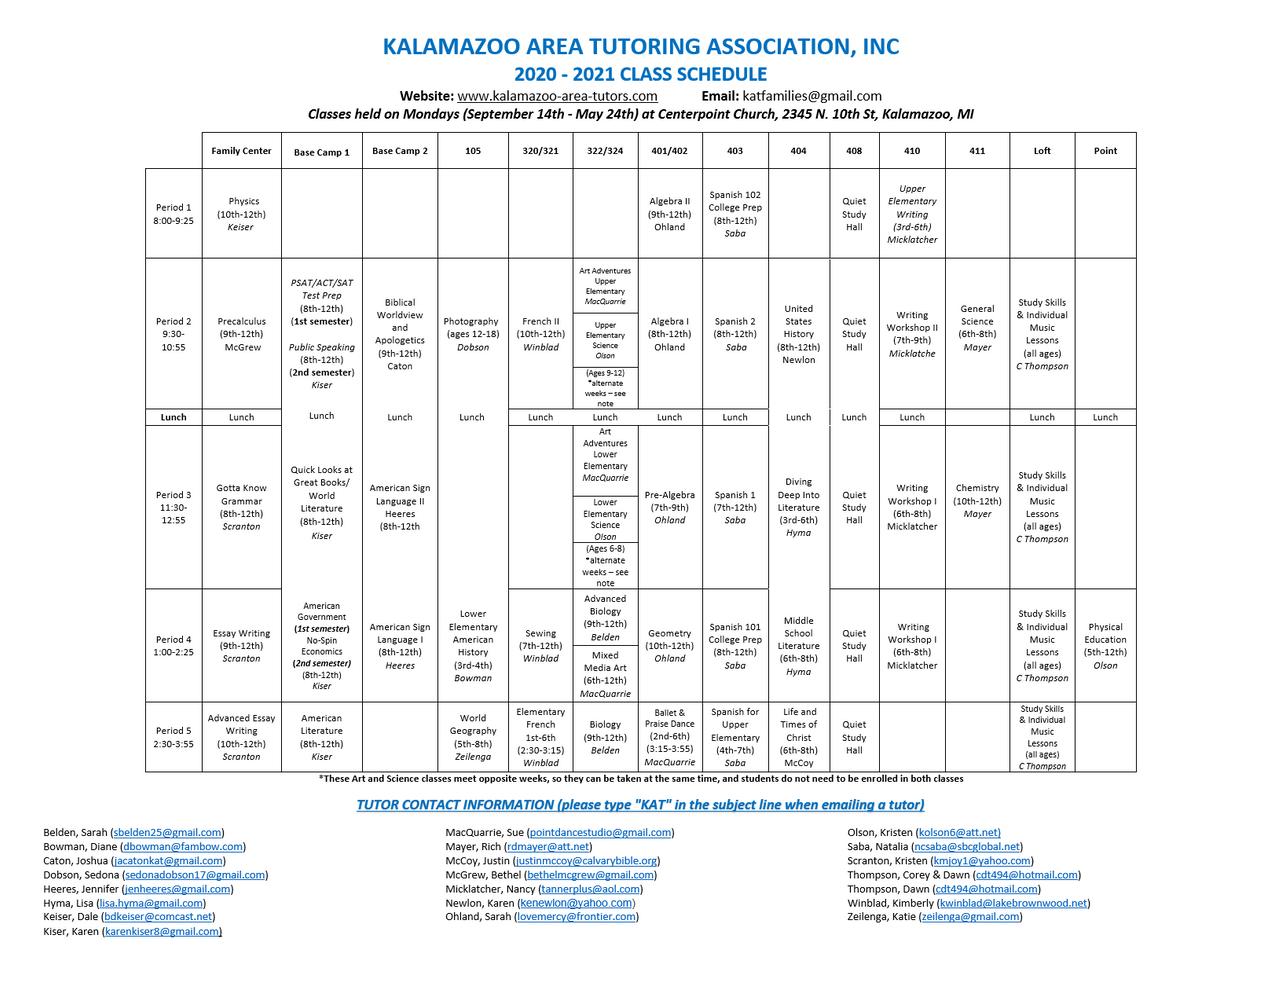 KAT Schedule 2020-2021 NEW.png